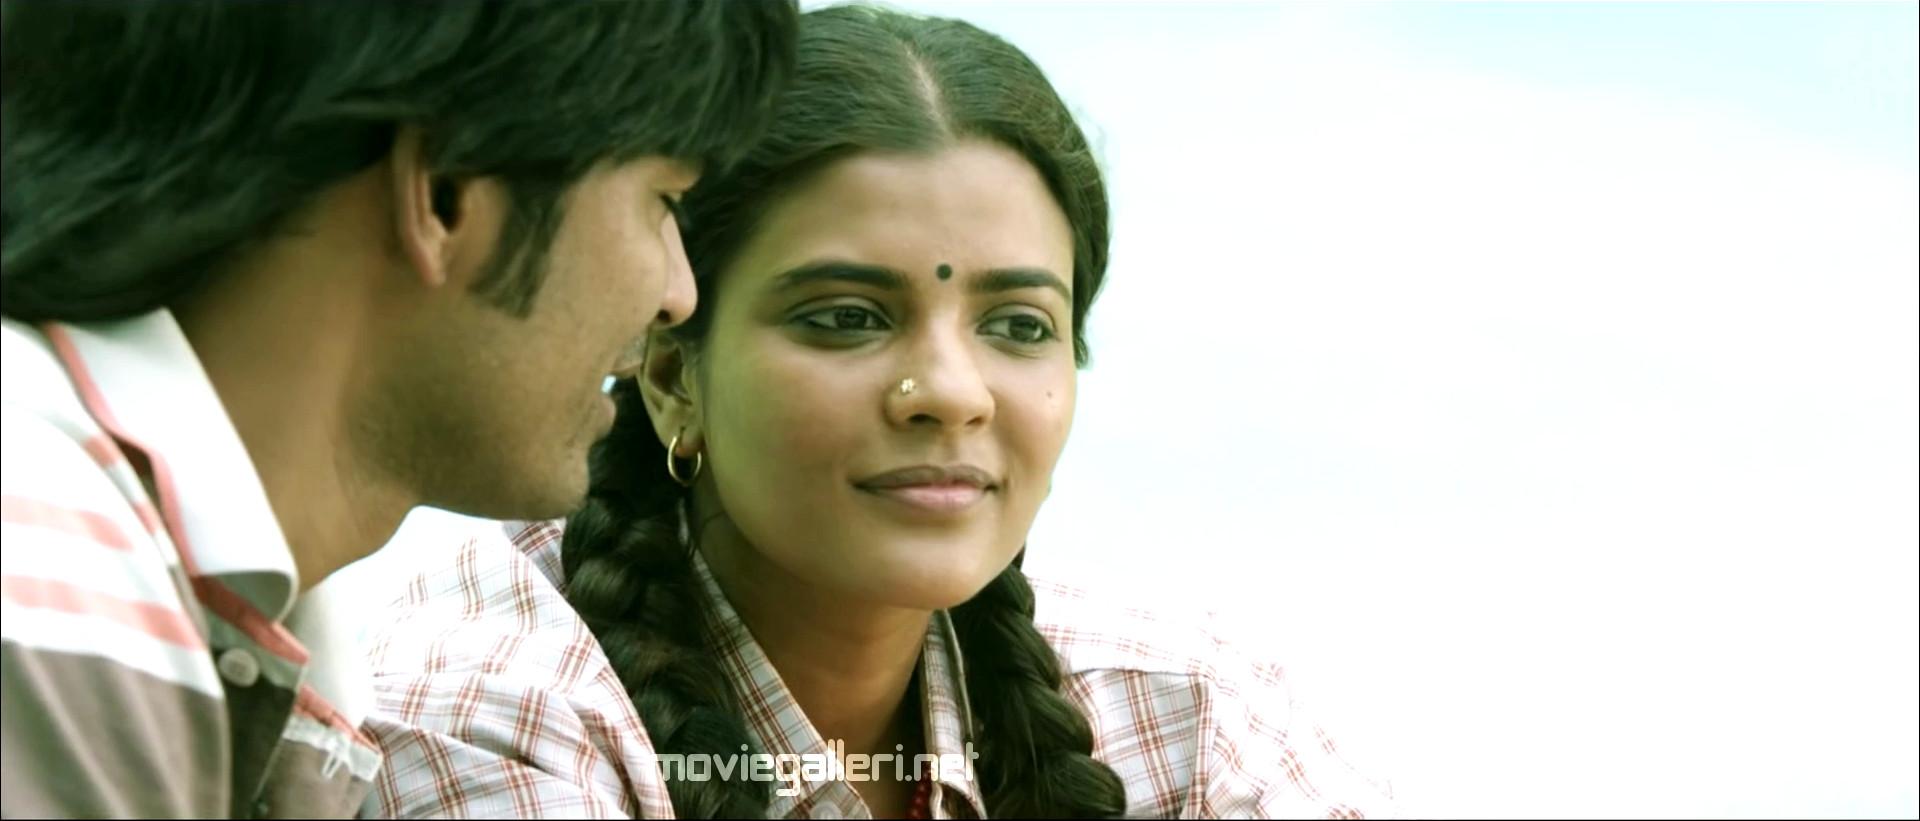 Dhanush kiss to Aishwarya Rajesh in Vada Chennai Teaser